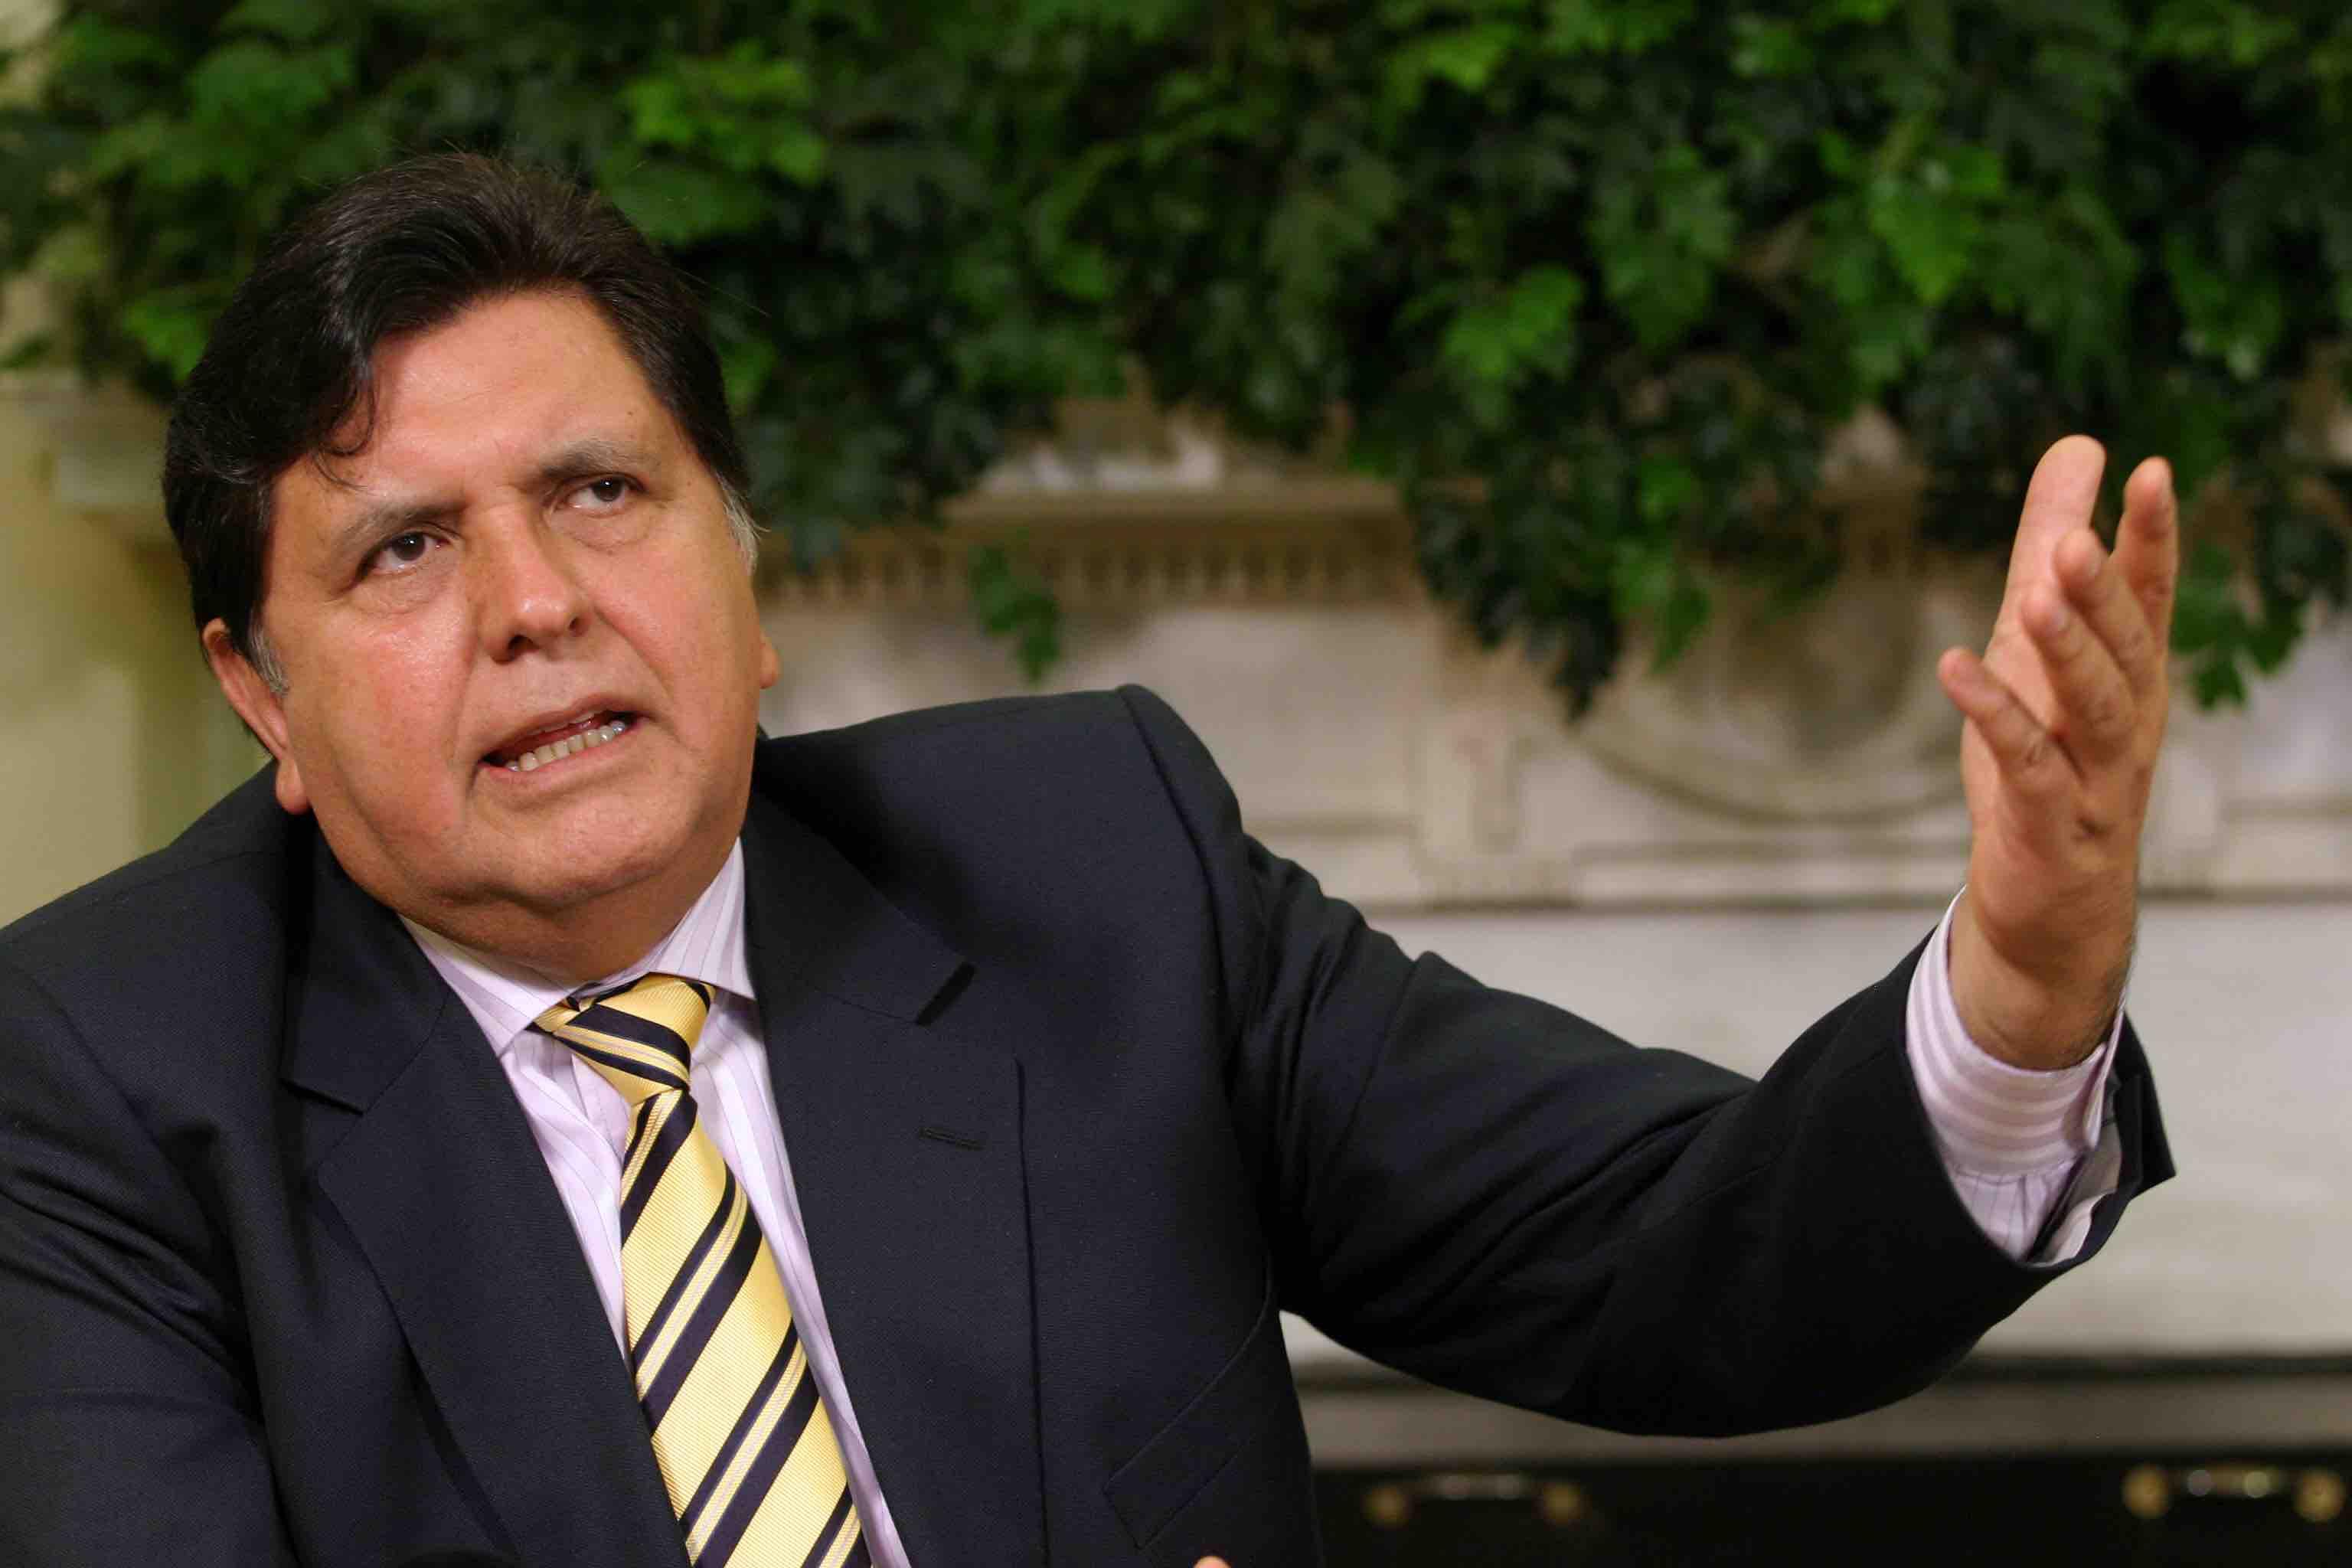 Former Peruvian President Alan García Dies After Self-Inflicted Gunshot Wound